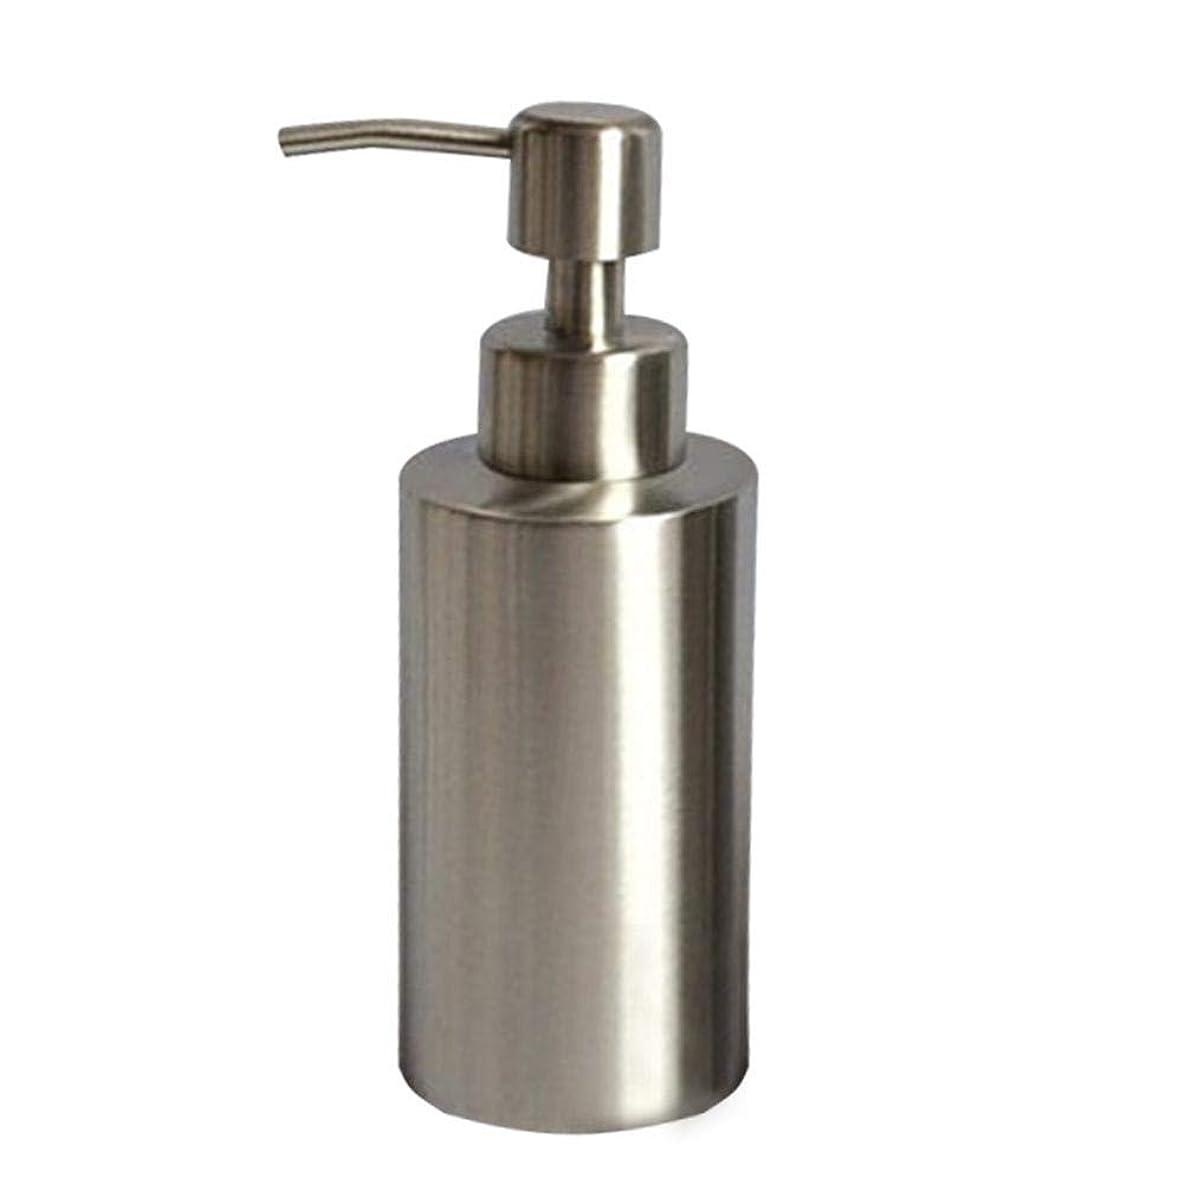 人事知的250ML/350ml/550mlのステンレス鋼ハンドソープボトル ハンドソープ容器 キッチン用びん(高さ15.5cm、直径5.5cm)